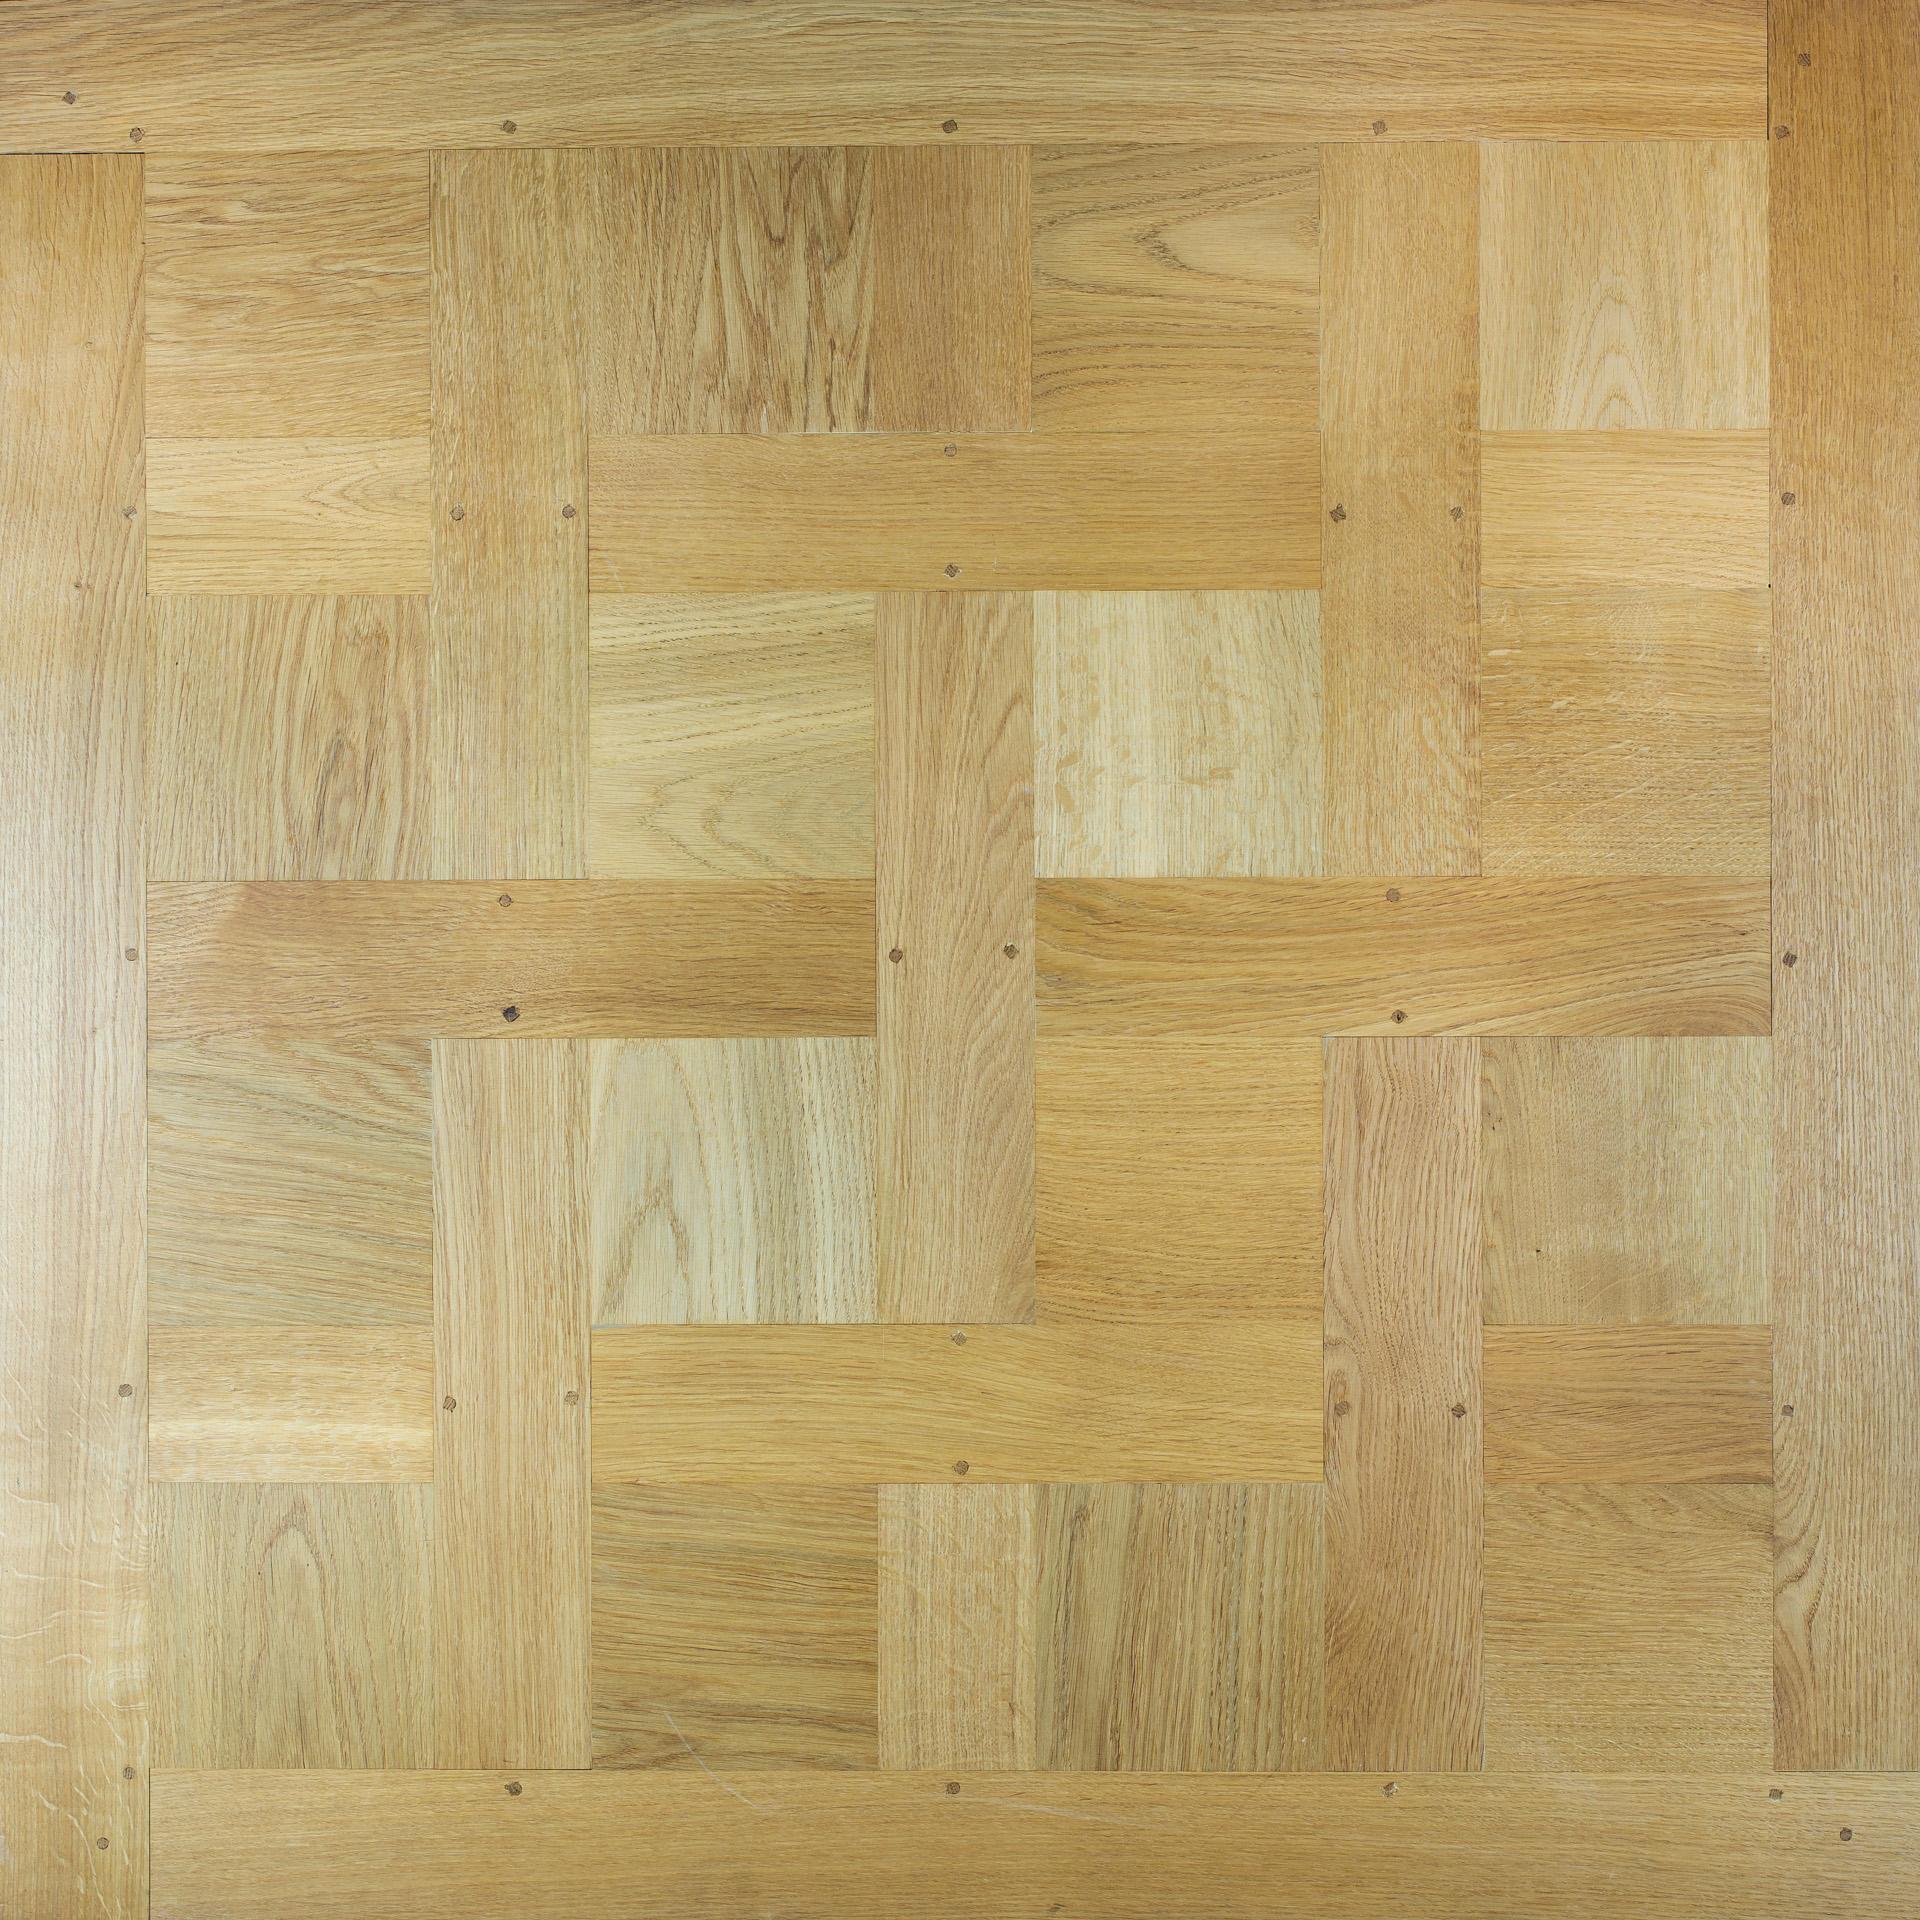 Angle De Plinthe Parquet parquet versailles - dalles traditionnelles - emois et bois